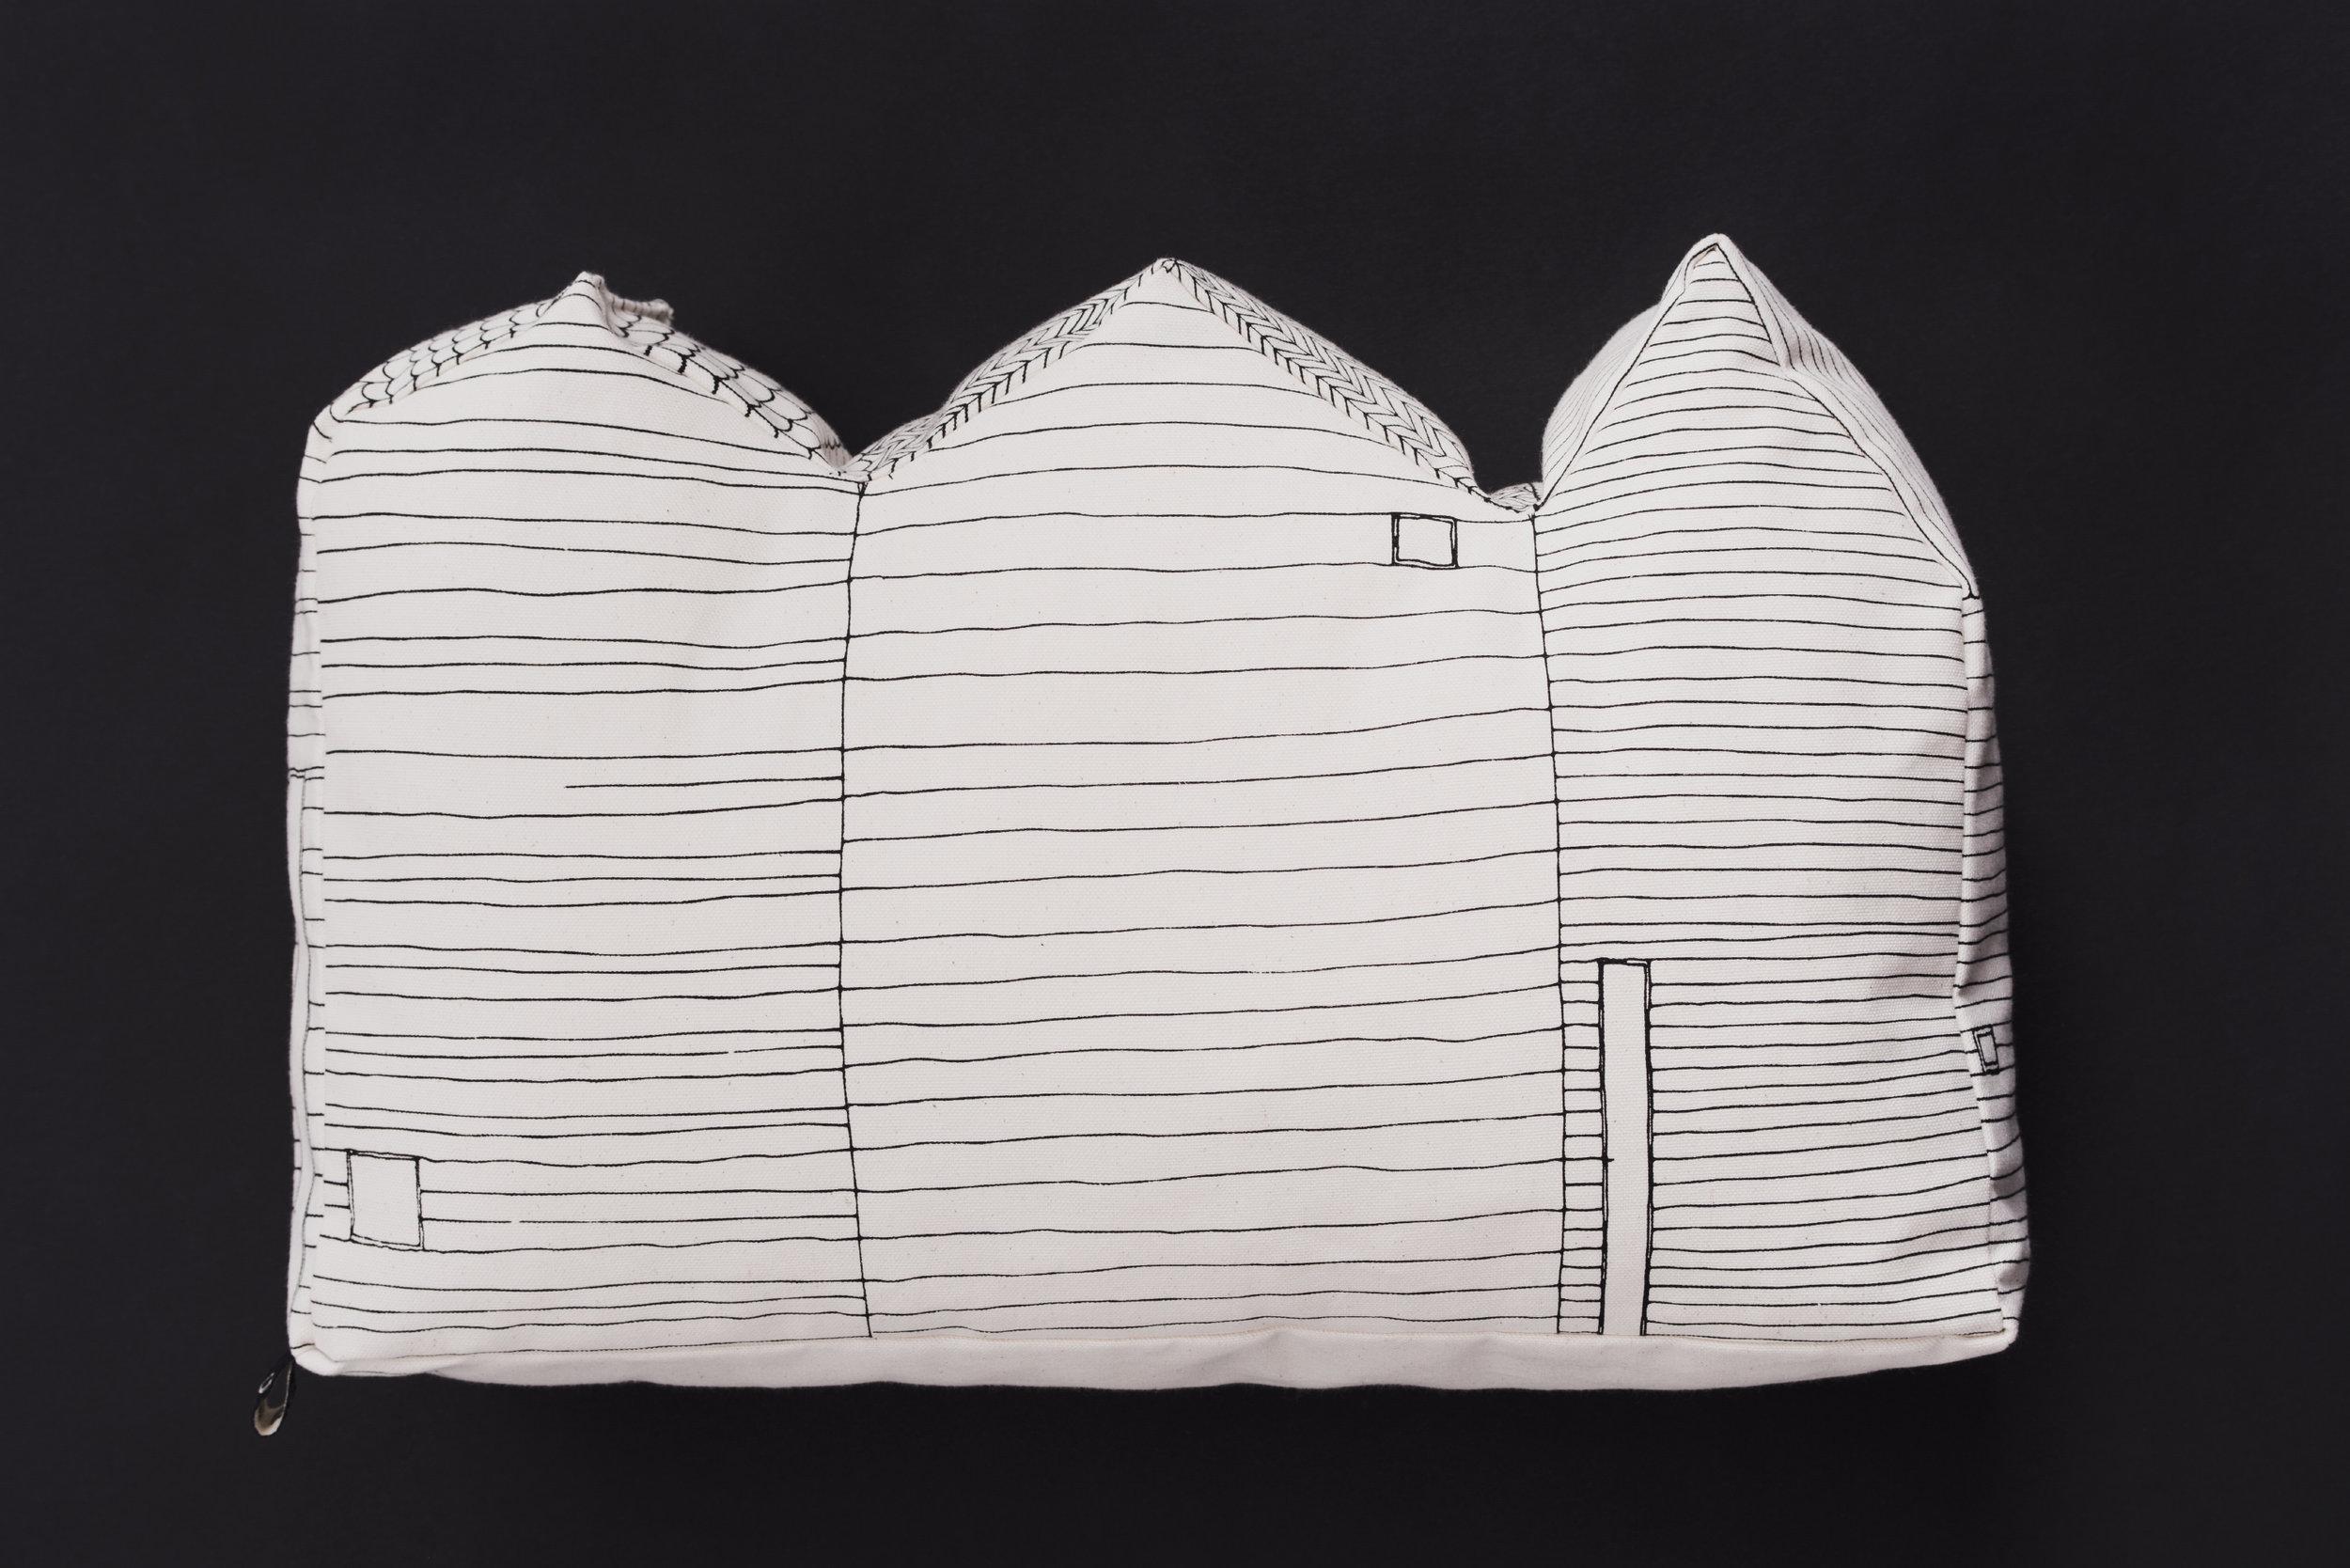 Hauszeile-AtelierLiwi-Ansicht01.jpg